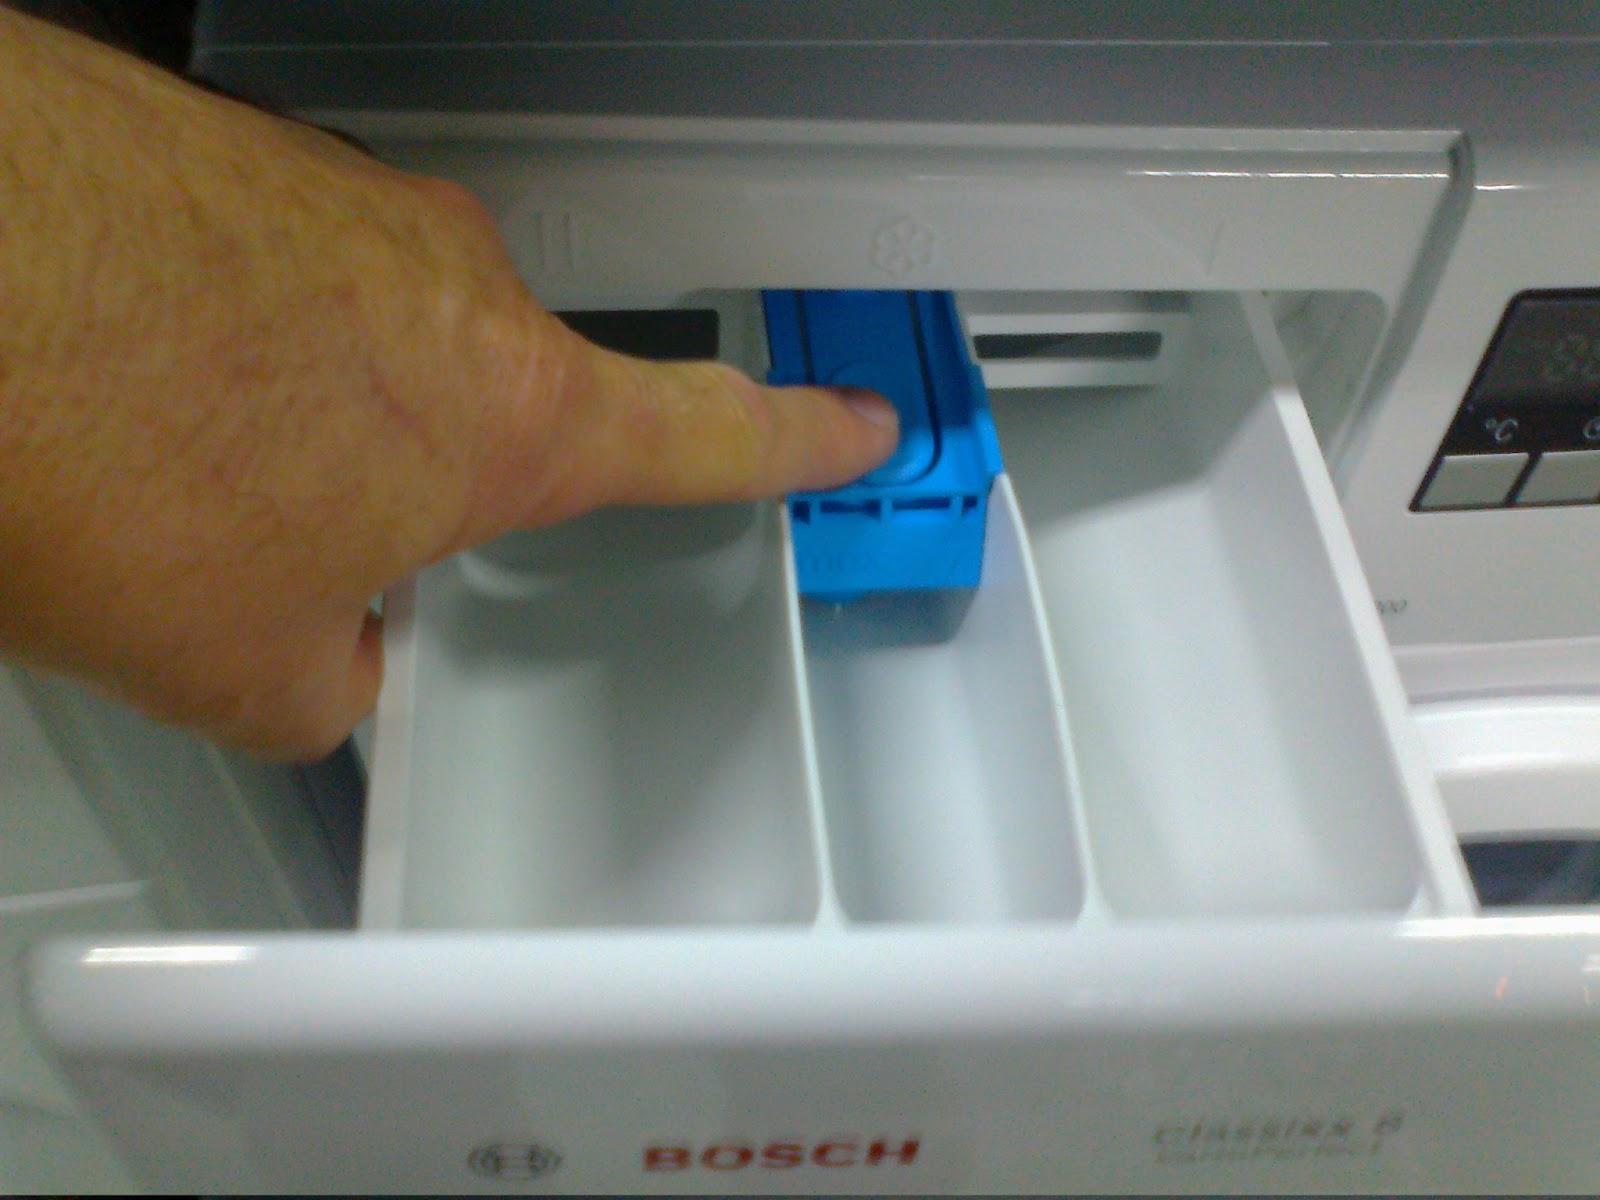 Como Limpiar El Cajon De Detergentes De Una Lavadora Idealosa ~ Dosificador De Detergente Para Lavadoras